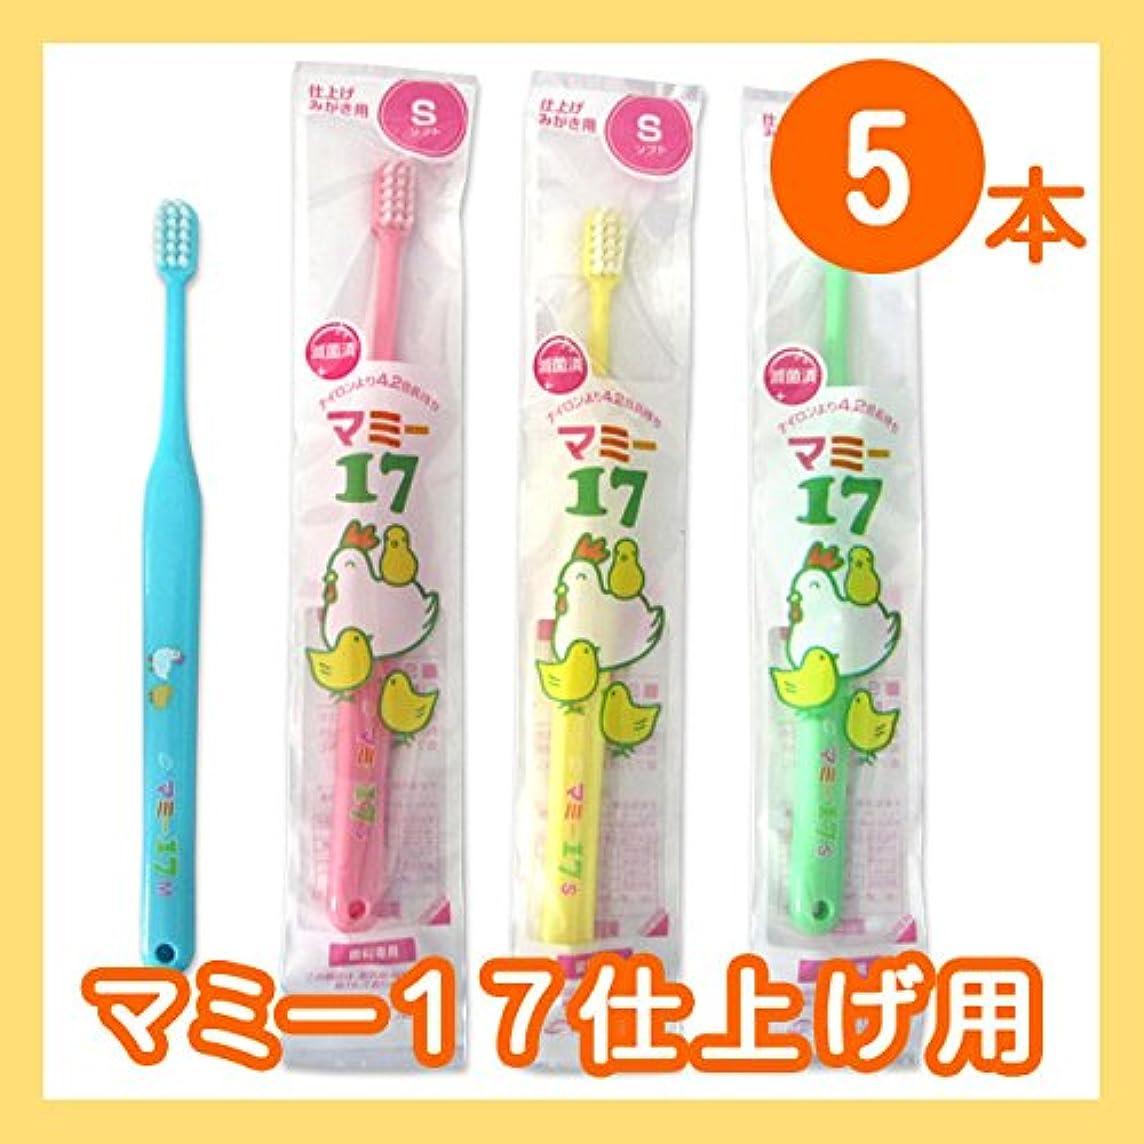 なすキャラクター瞳オーラルケア マミー17 子供 点検?仕上げ磨き用 歯ブラシ 5本セットソフト イエロー